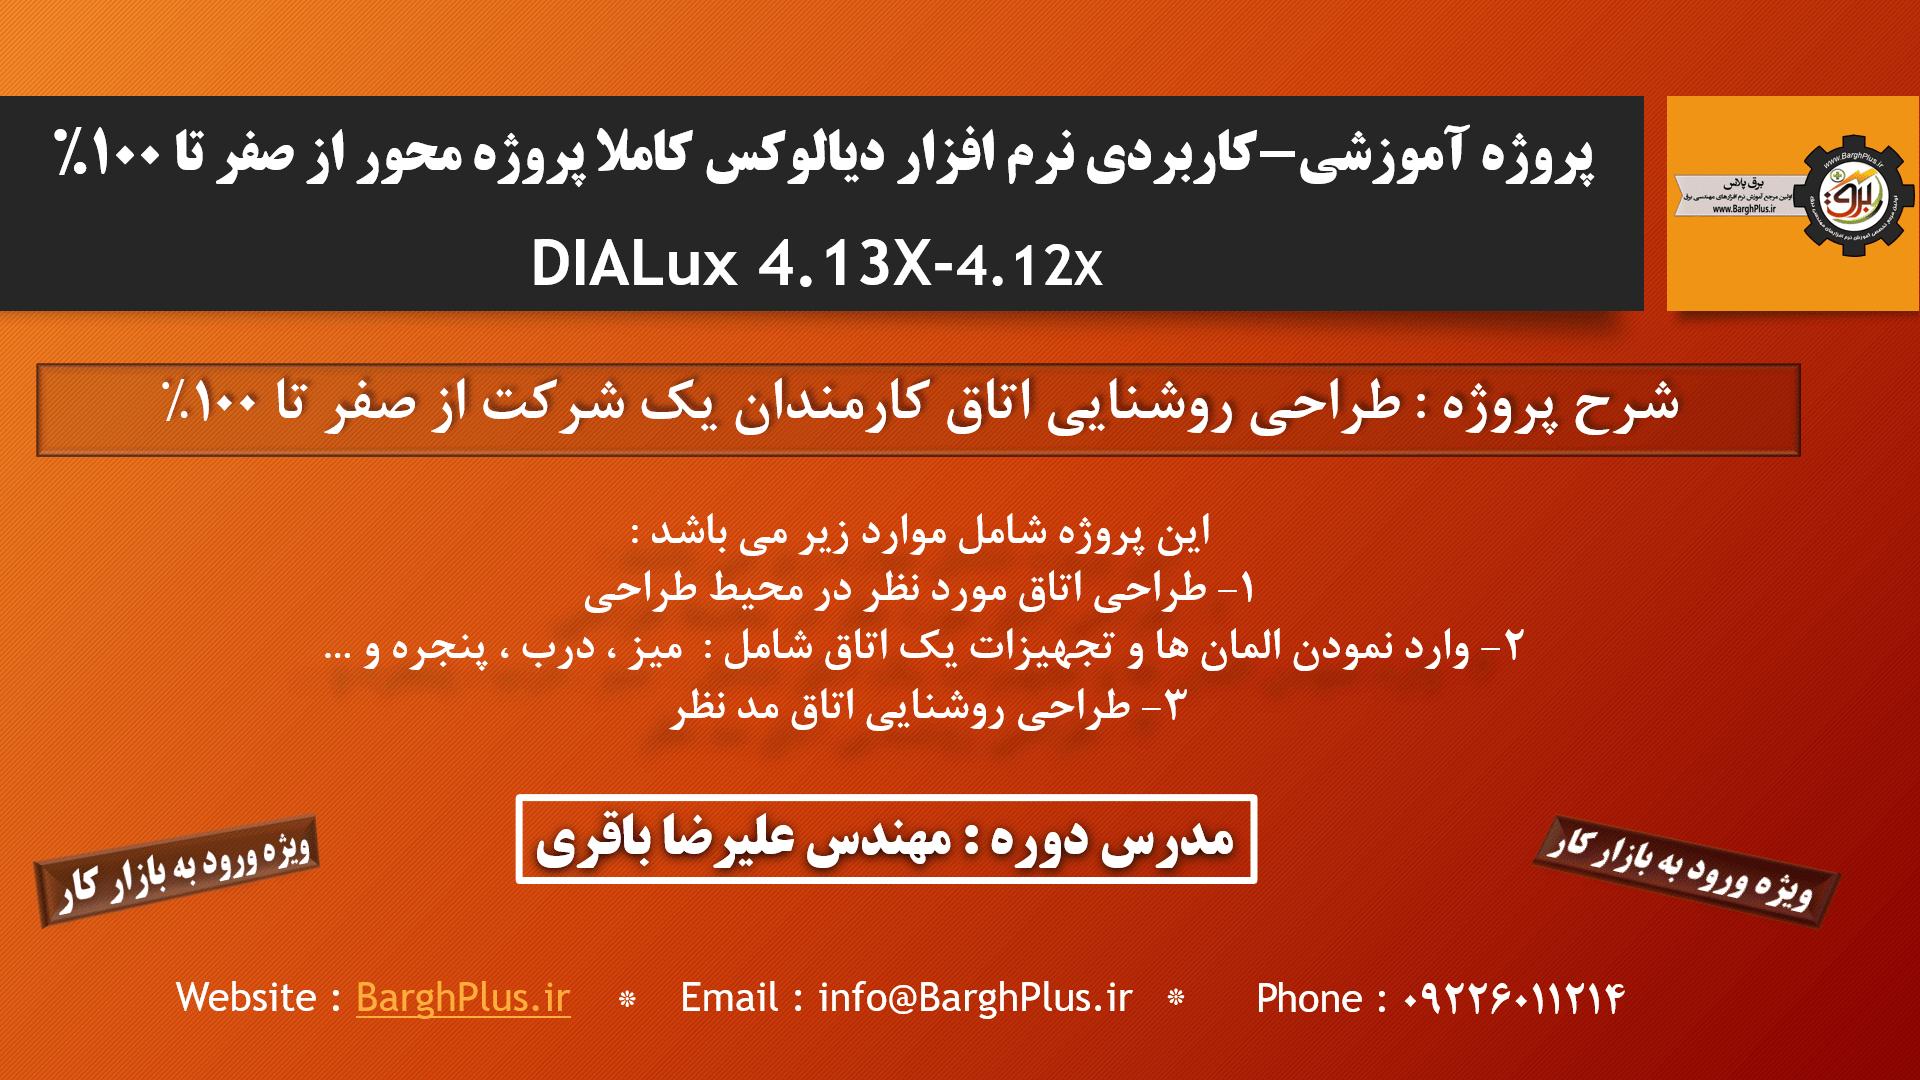 پروژه آموزش نرم افزار دیالوکس